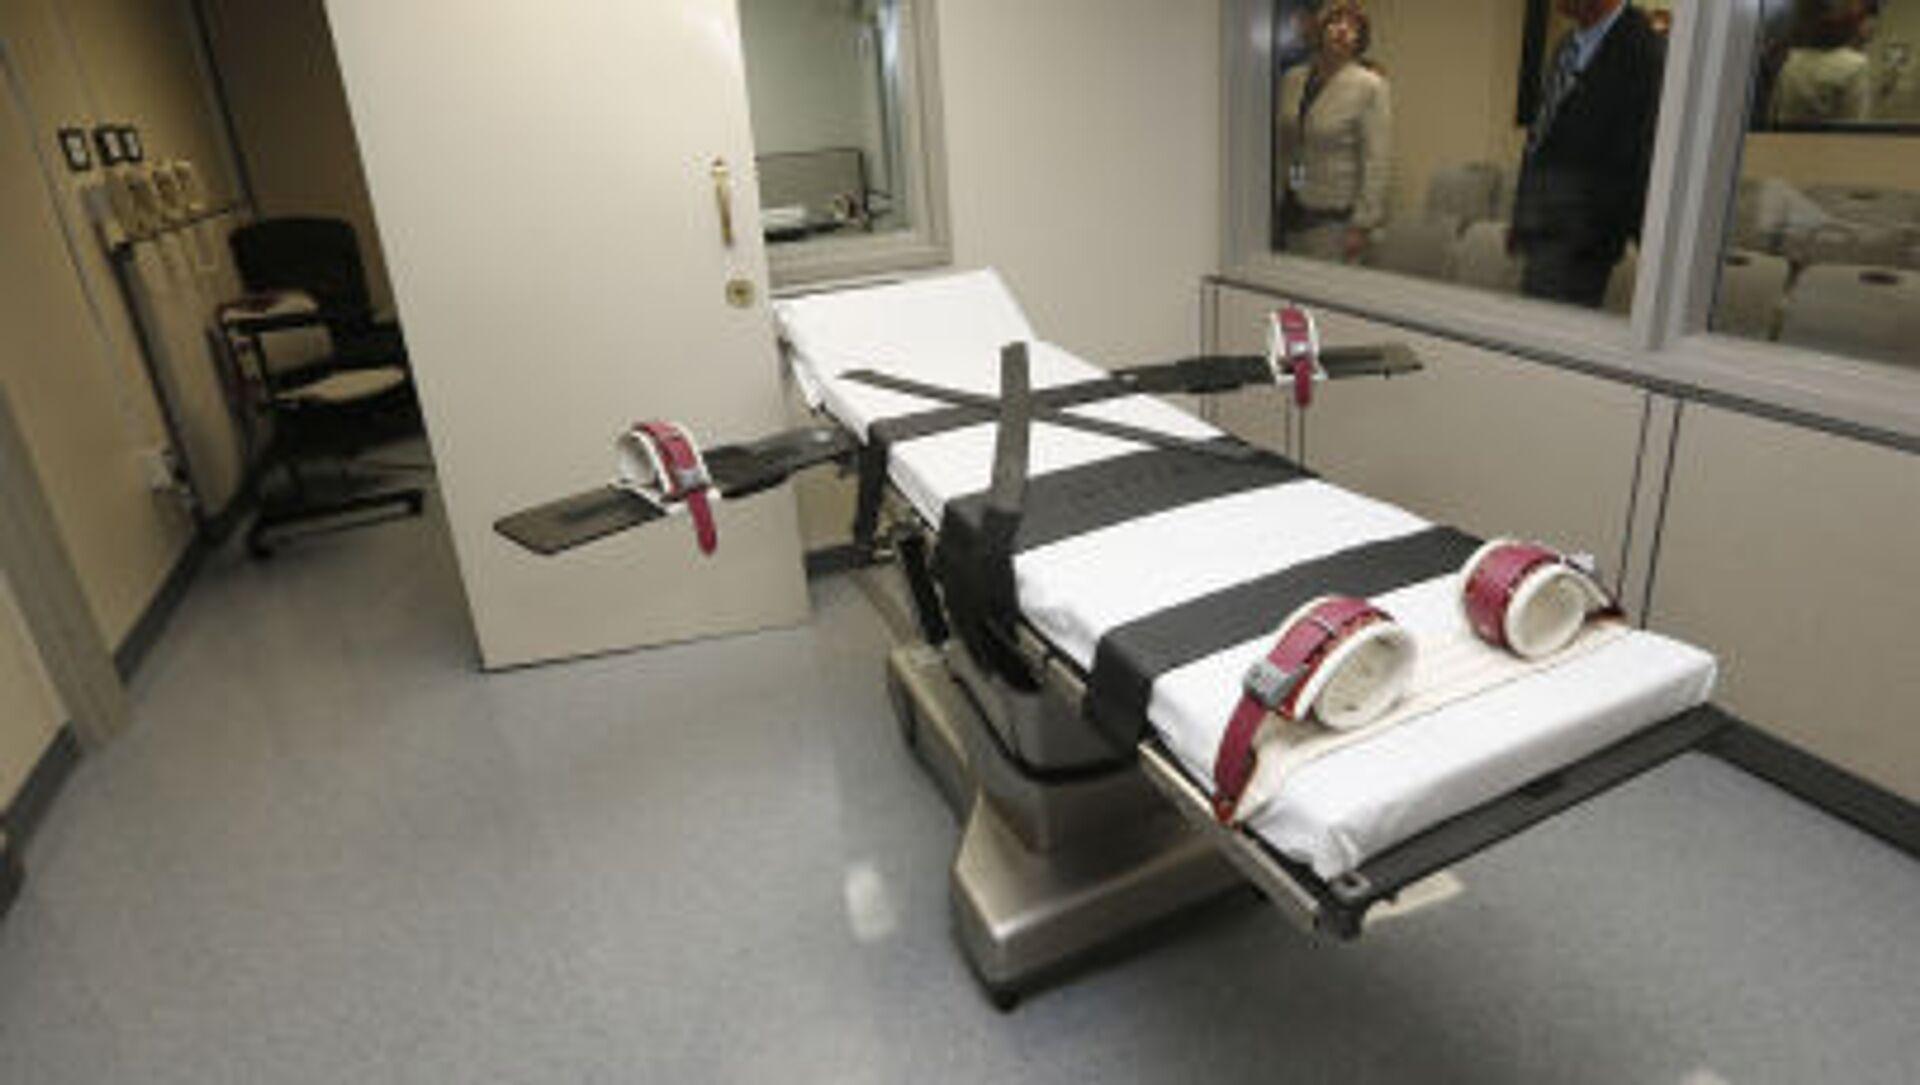 Locale per l'esecuzione delle ondanne a morte in Oklahoma, USA - Sputnik Italia, 1920, 22.02.2021